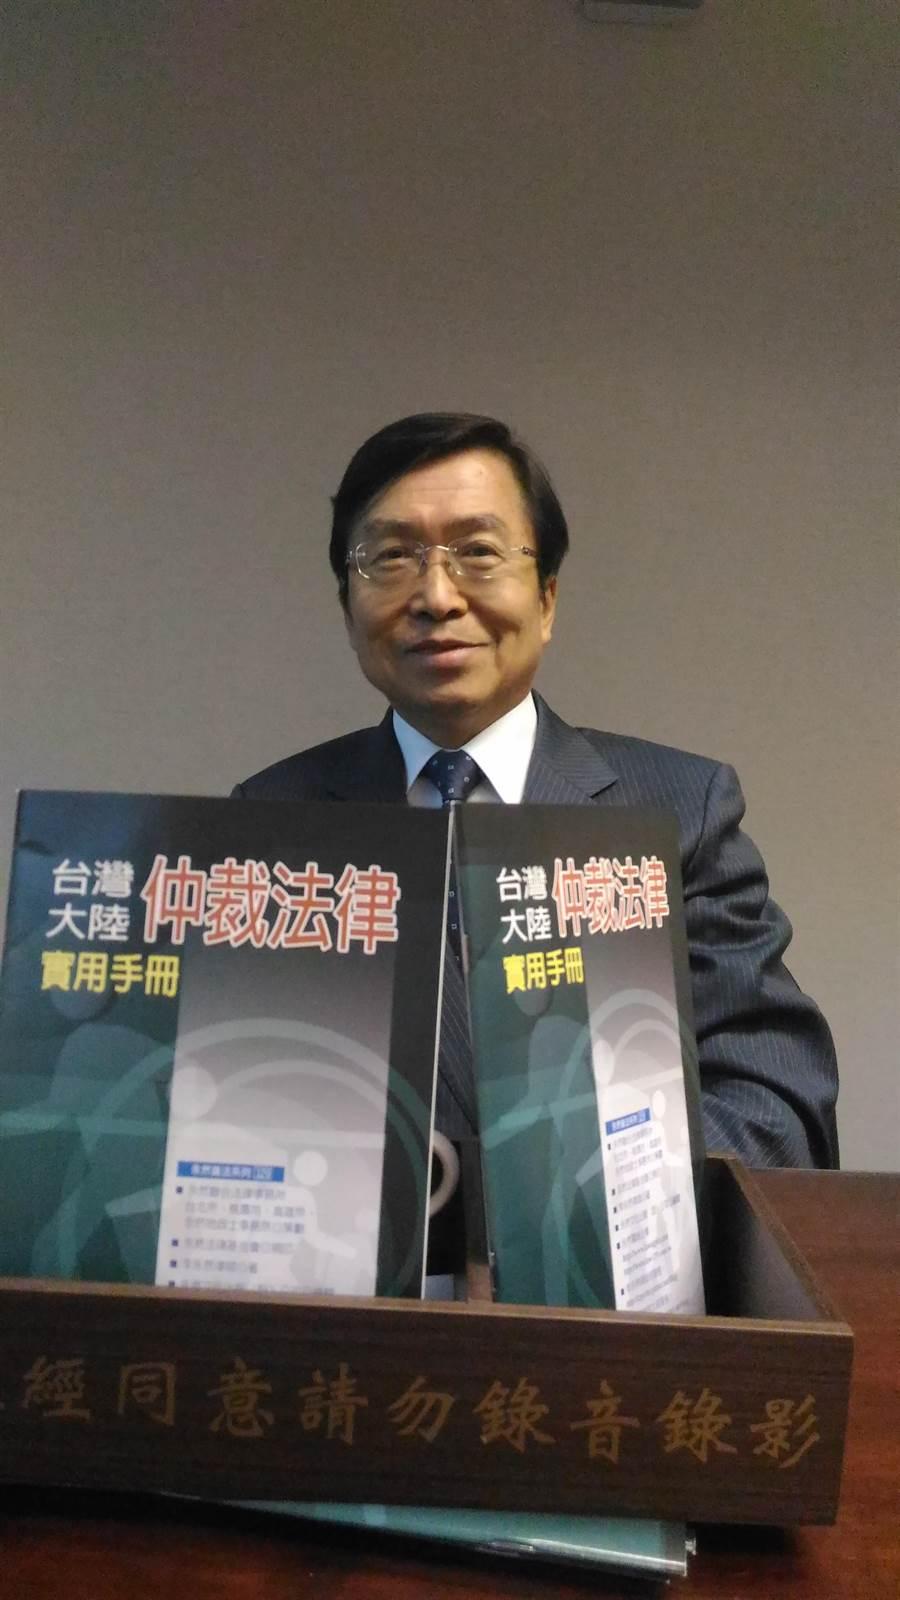 李永然律師推薦大陸台商走仲裁程序解決商業糾紛